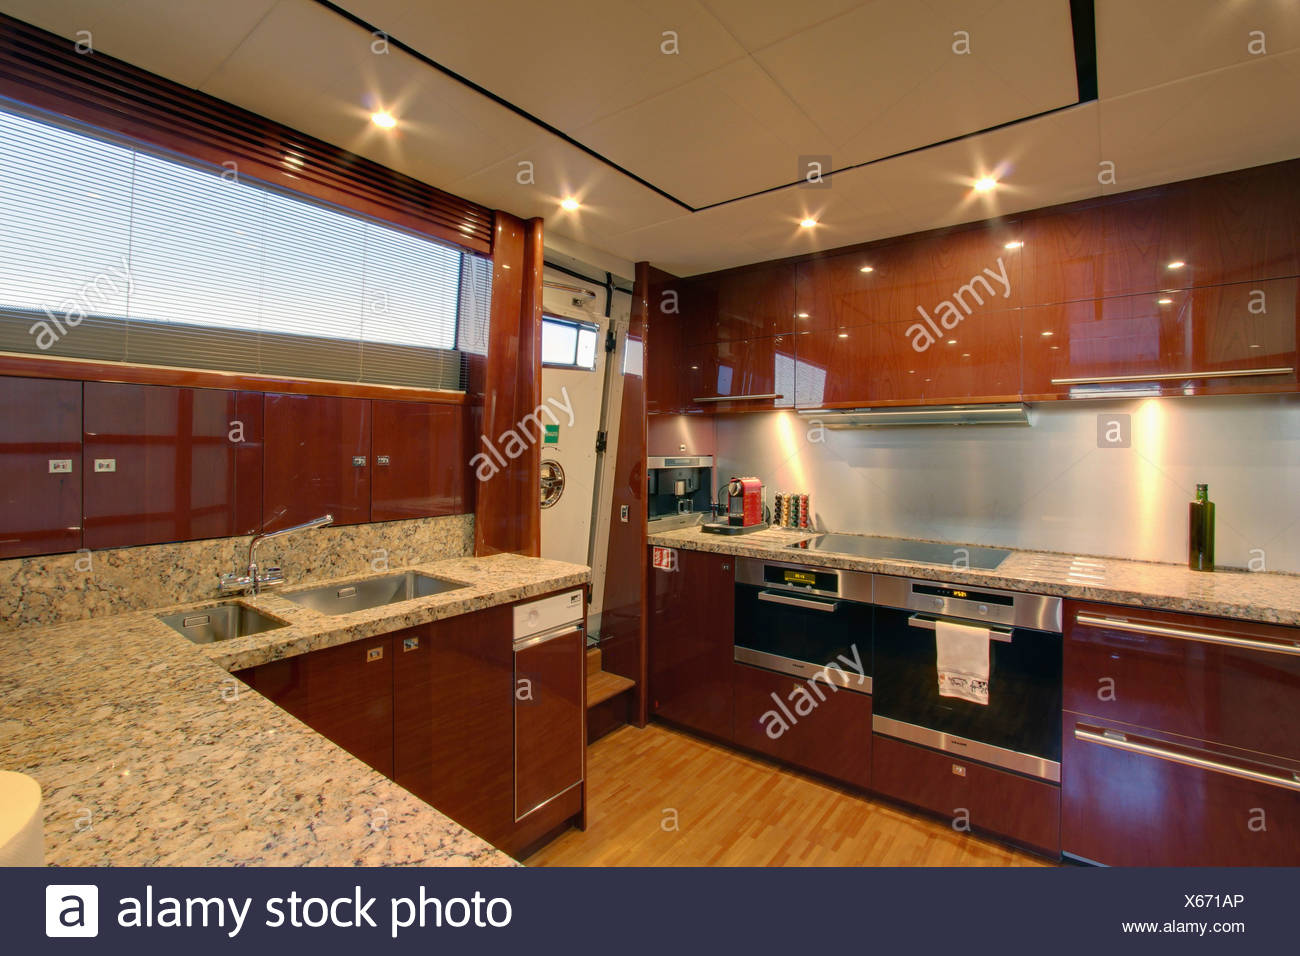 Doppel Ofen Und Kleine Spulmaschine In Montierten Einheiten In